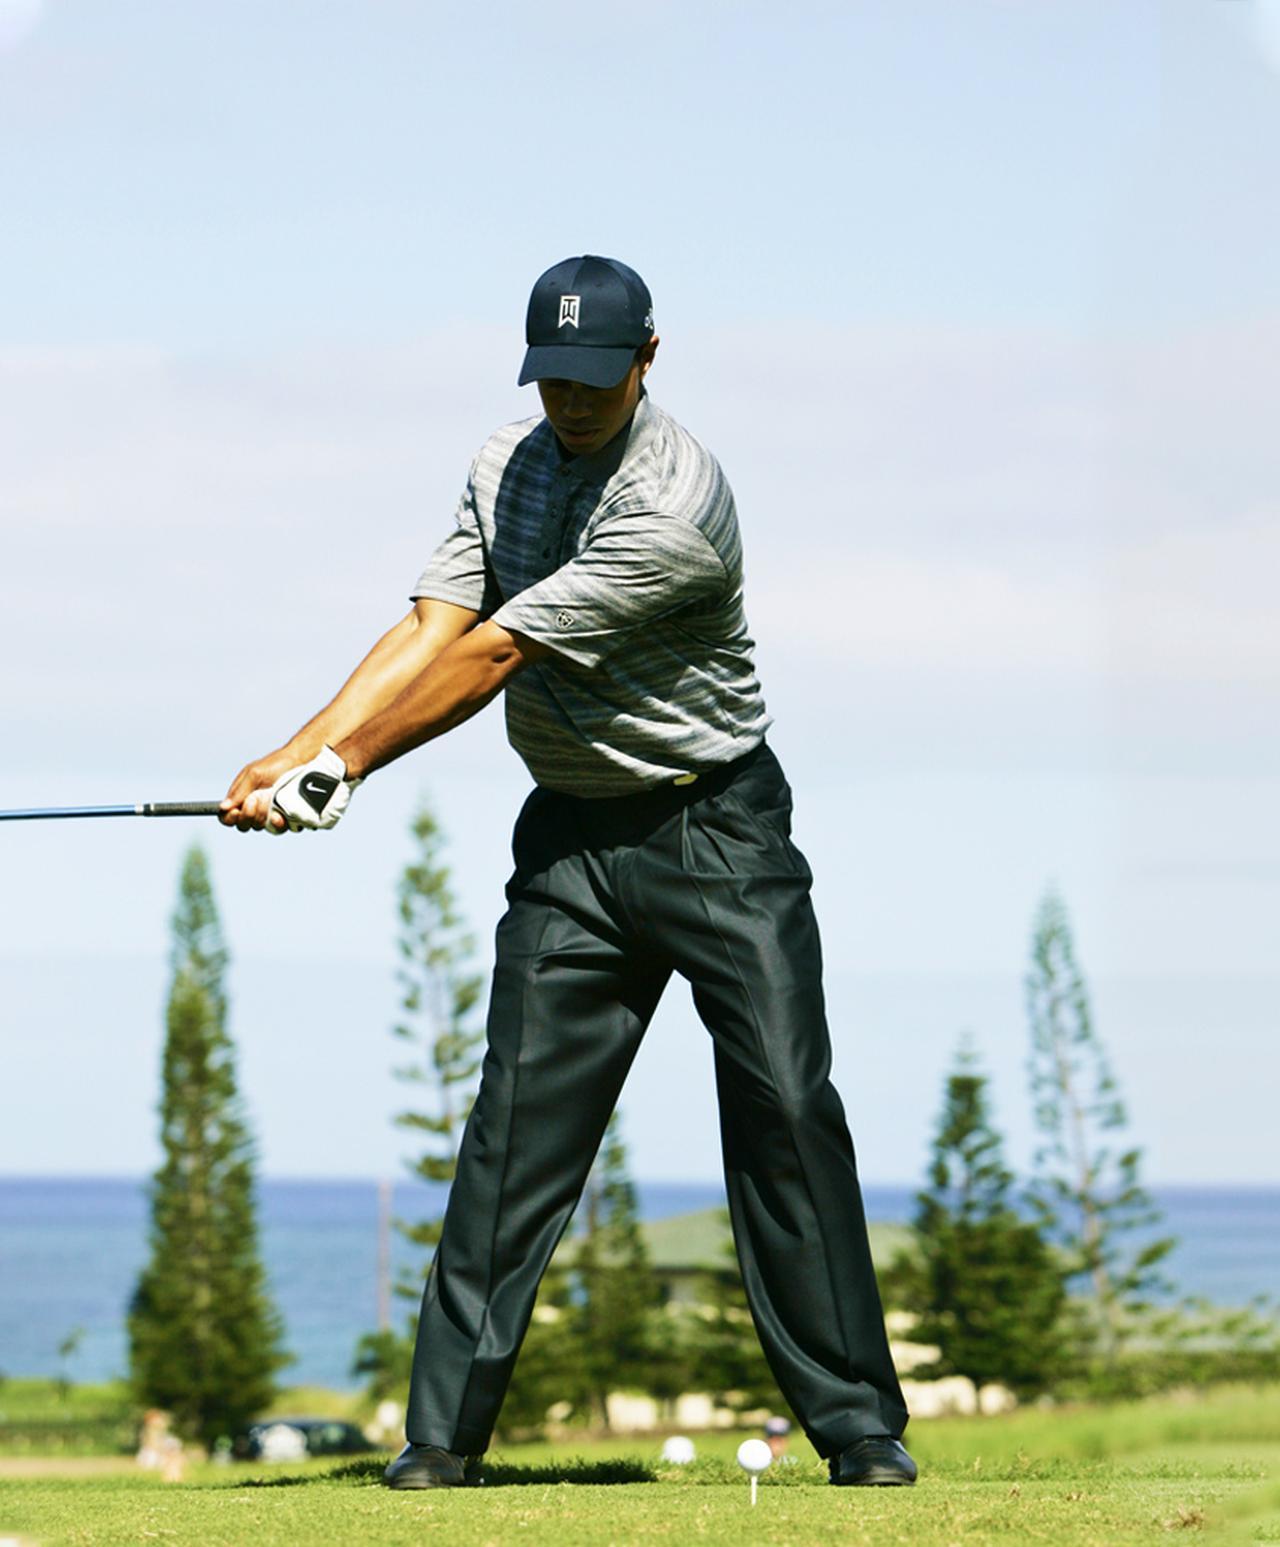 画像7: 【平成スウィング変遷史②】タイガー・ウッズが切り開いたパワーゴルフの時代